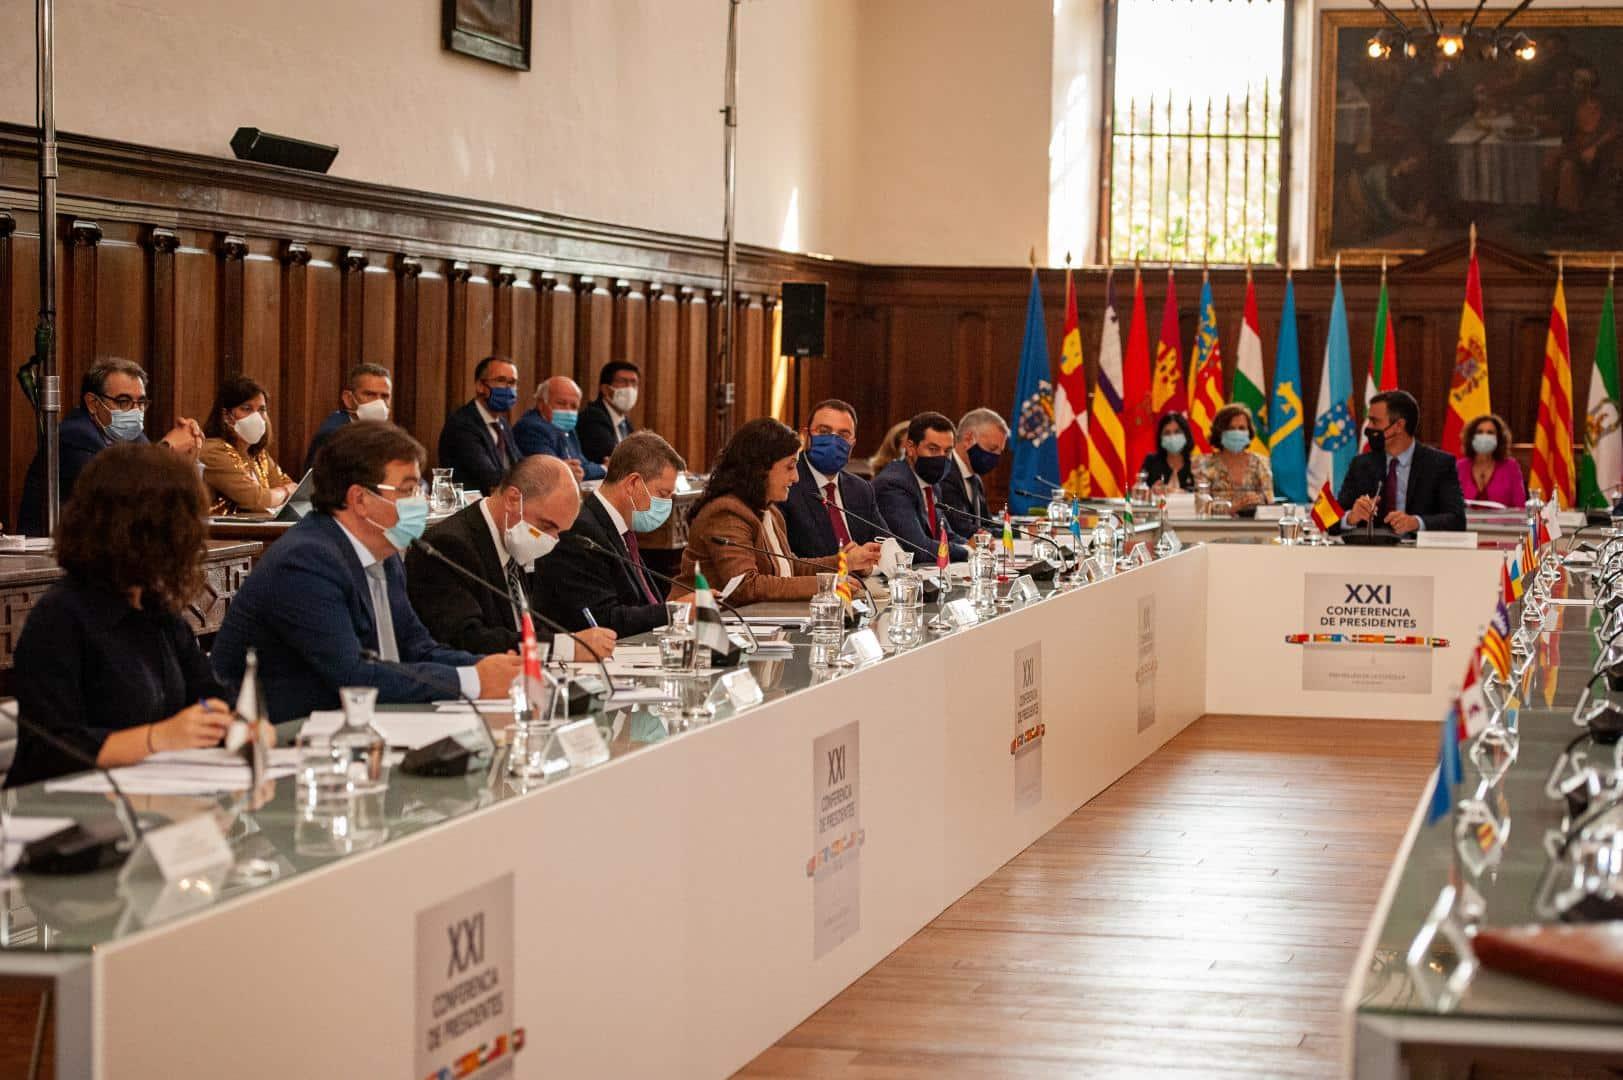 FOTOS: Histórica Conferencia de Presidentes en San Millán 16